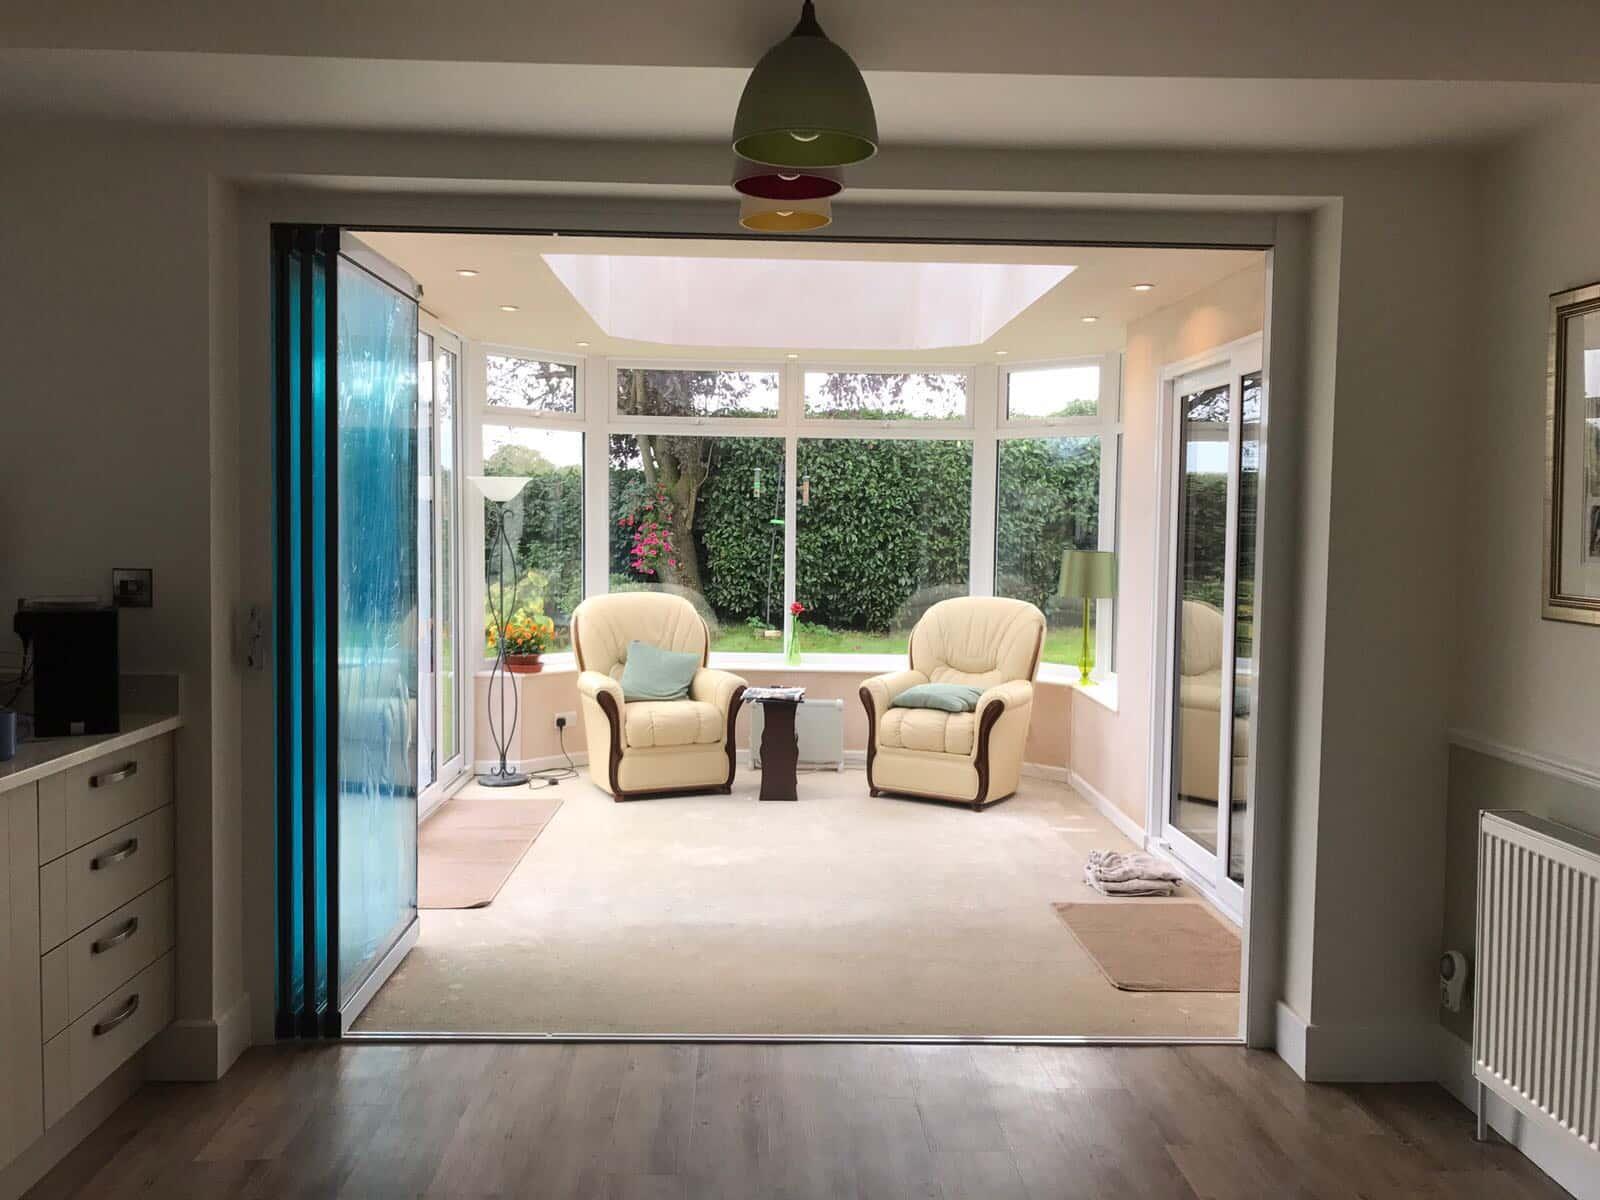 3-door frameless room divider